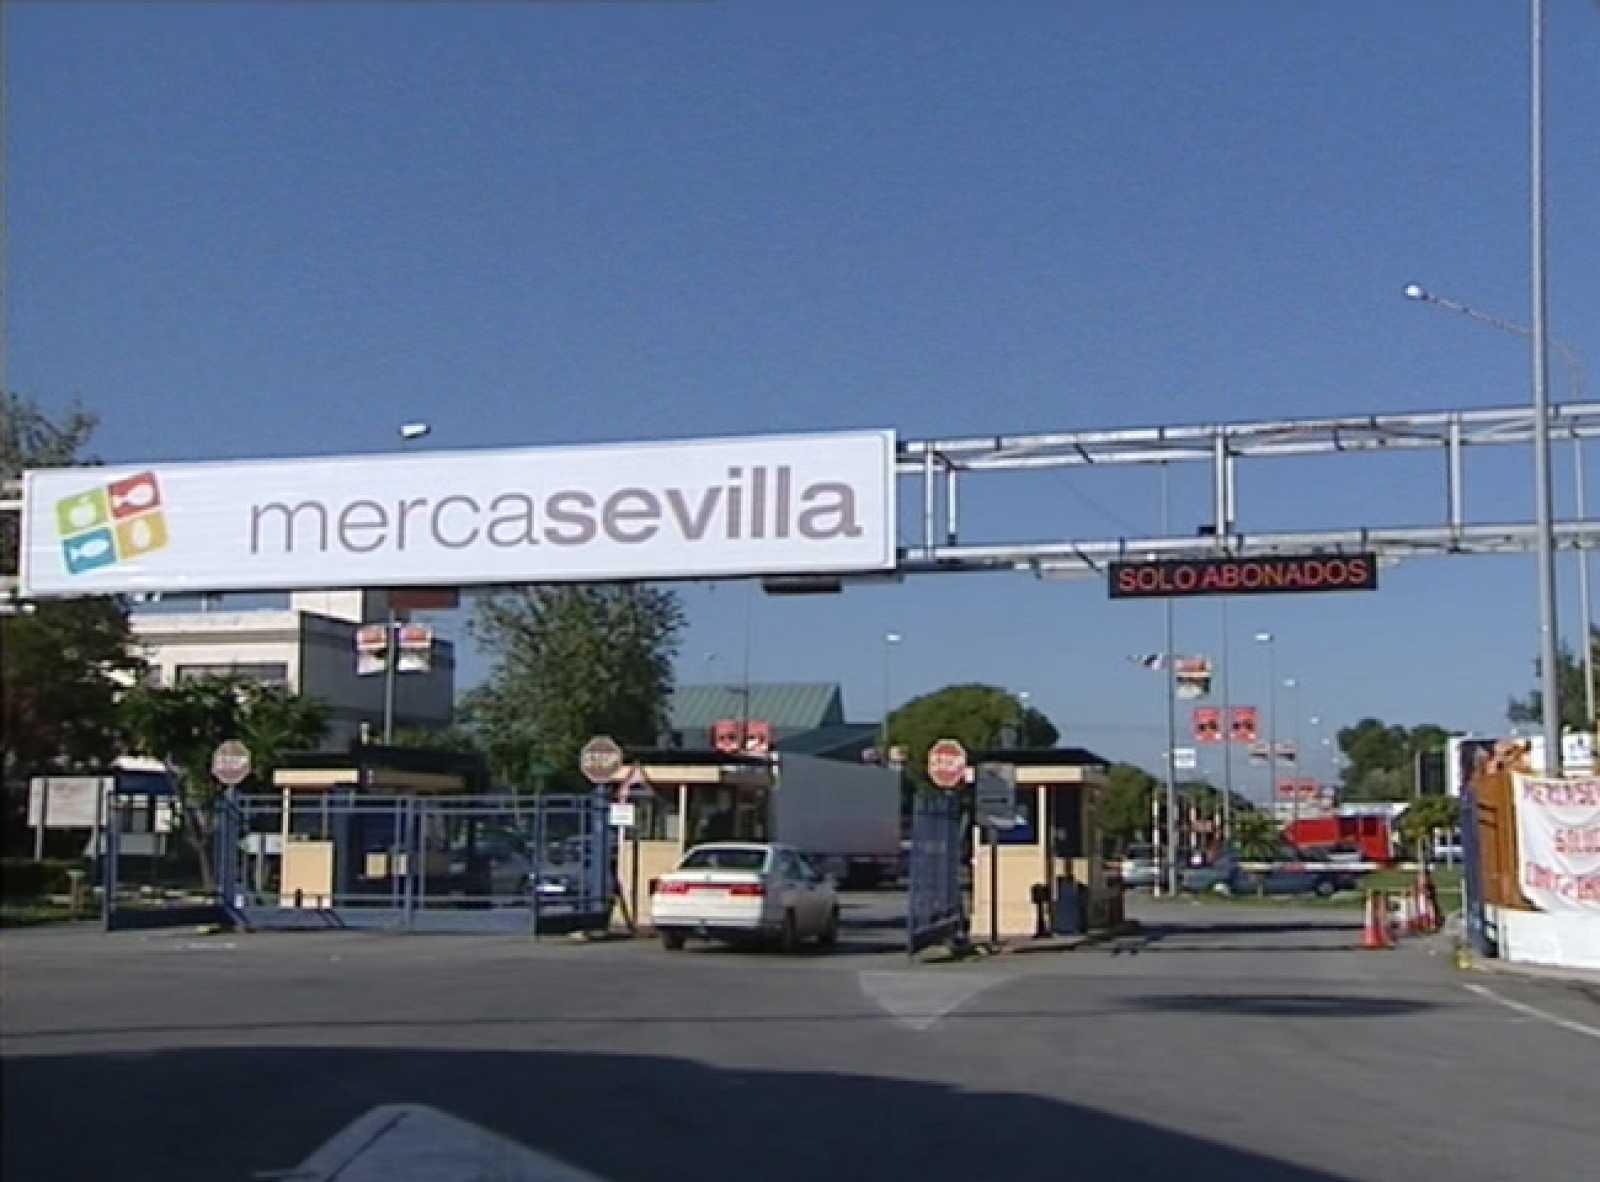 La justicia investiga en el caso Mercasevilla, que ha destapado supuestas prejubilaciones indebidas